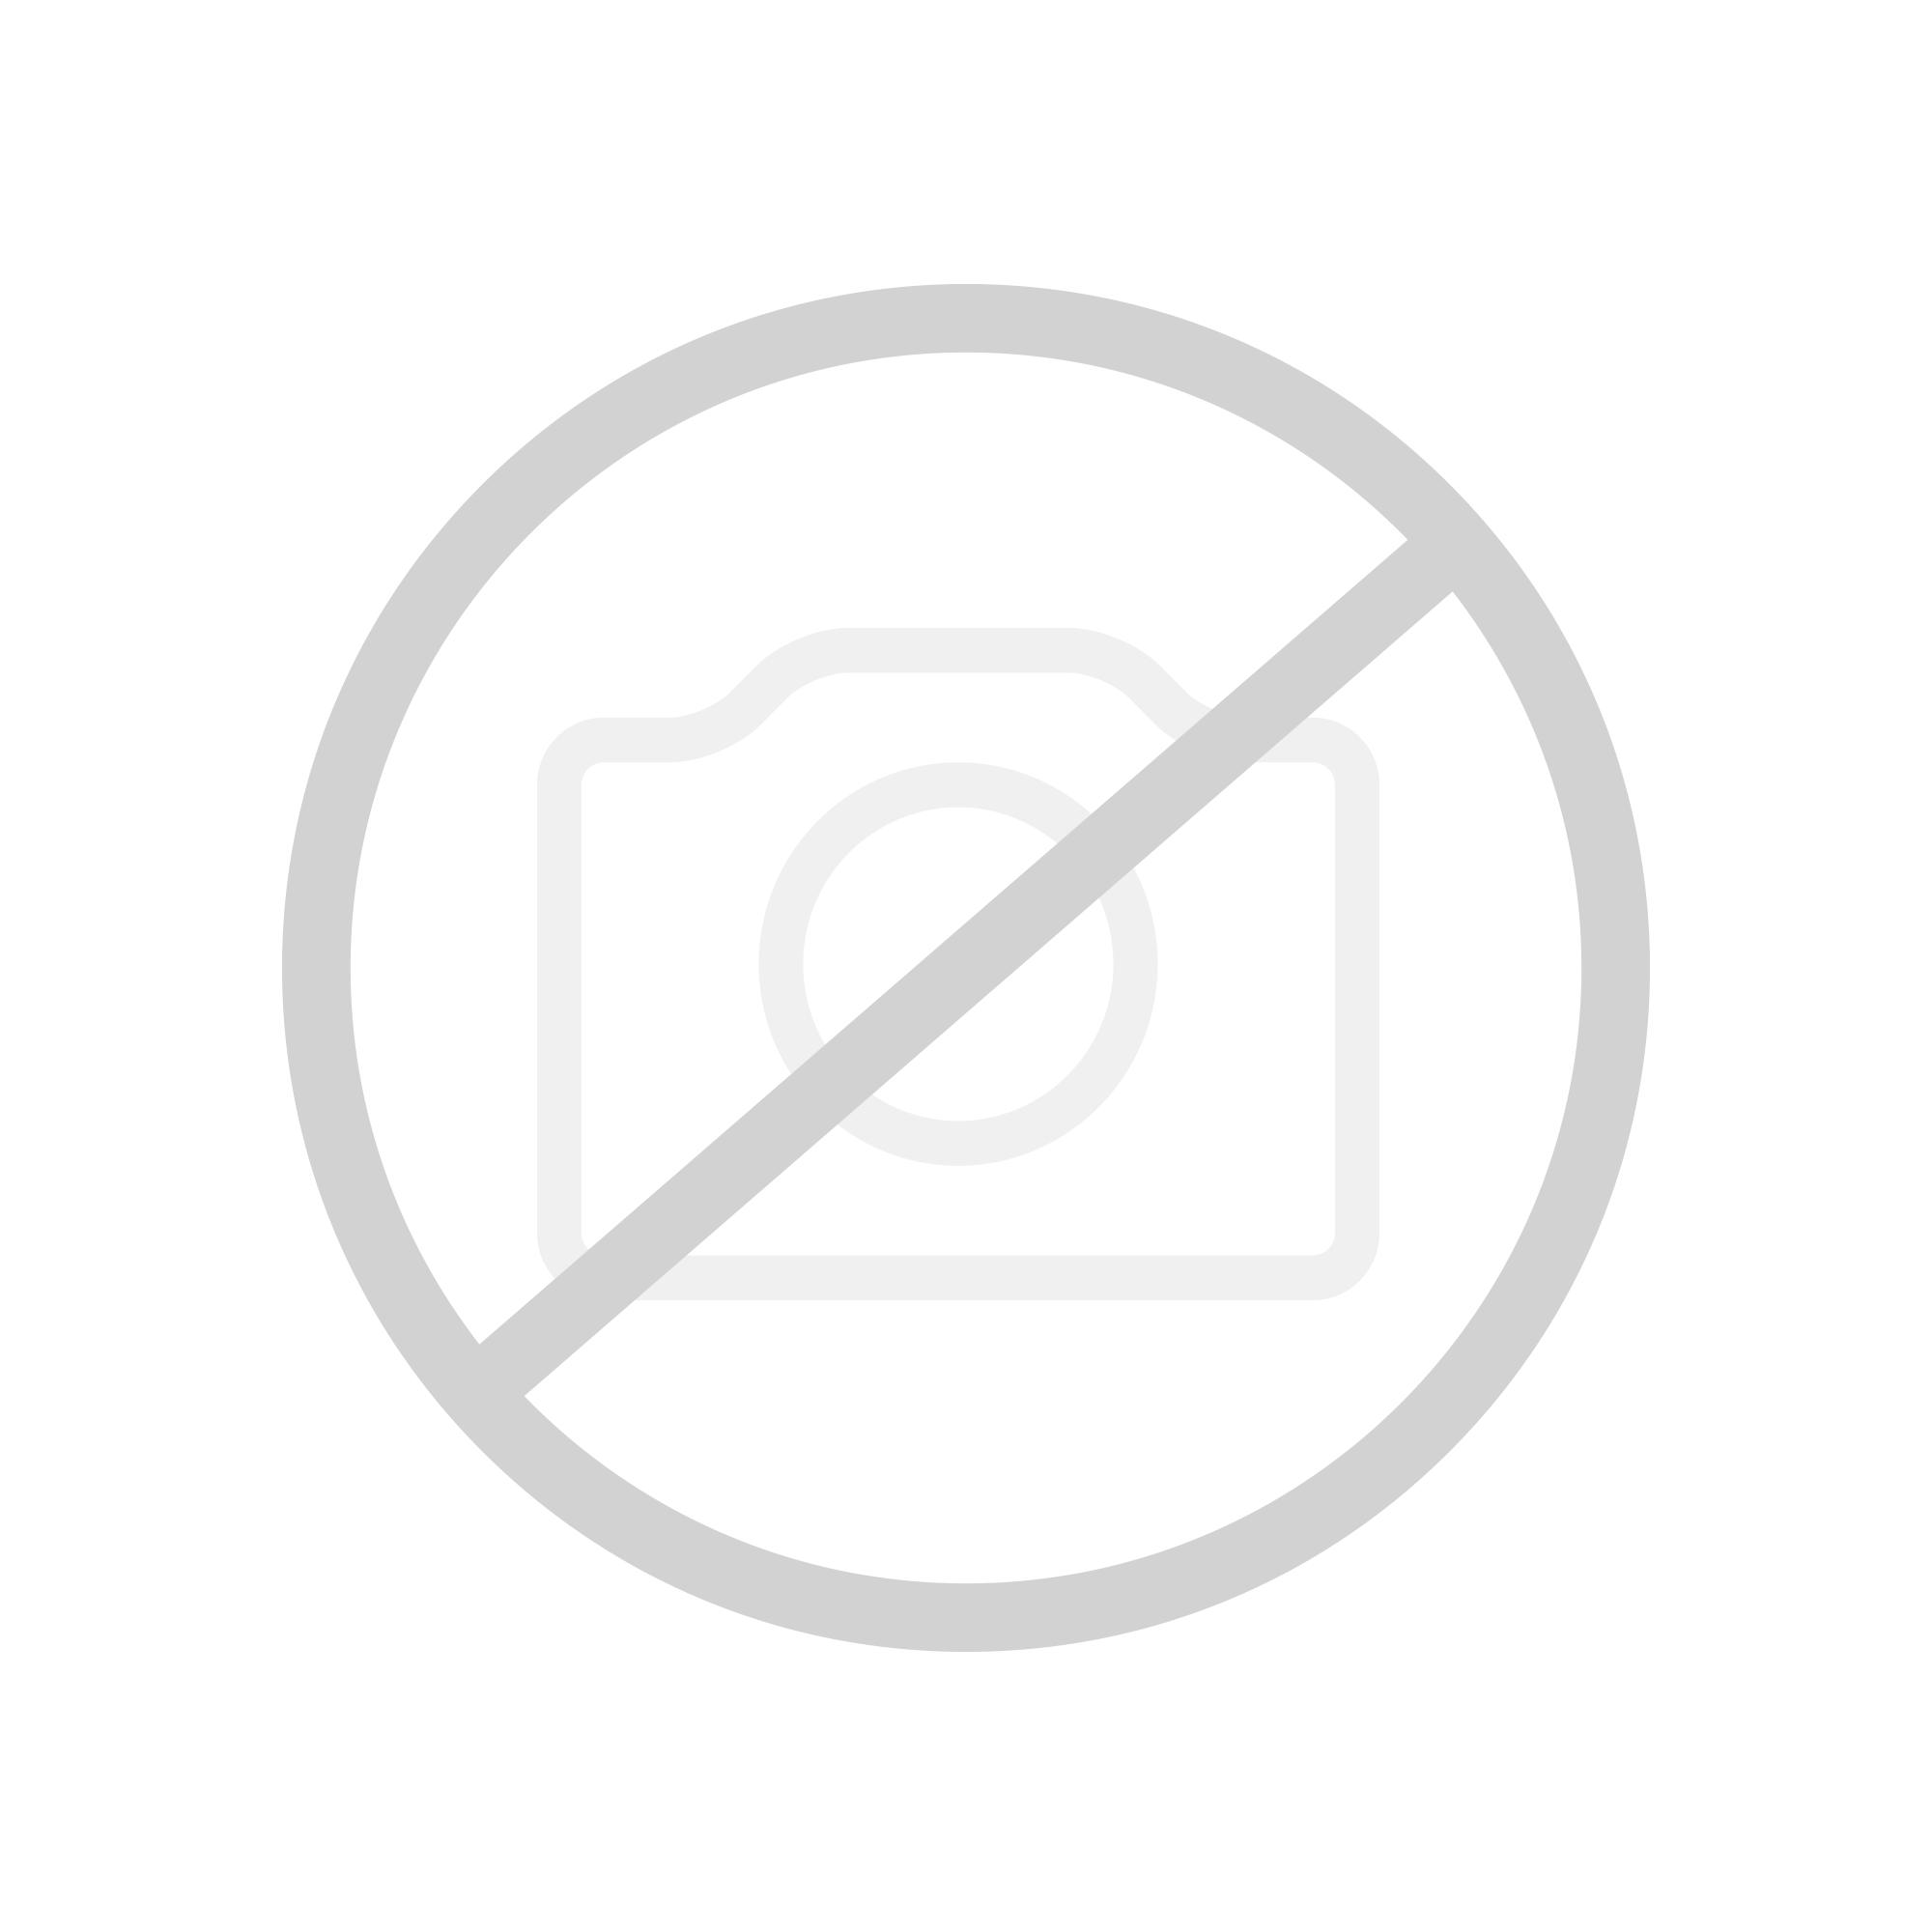 Geberit Duofix Montageelement für Urinal Universal, H: 98 cm, Betätigung von oben